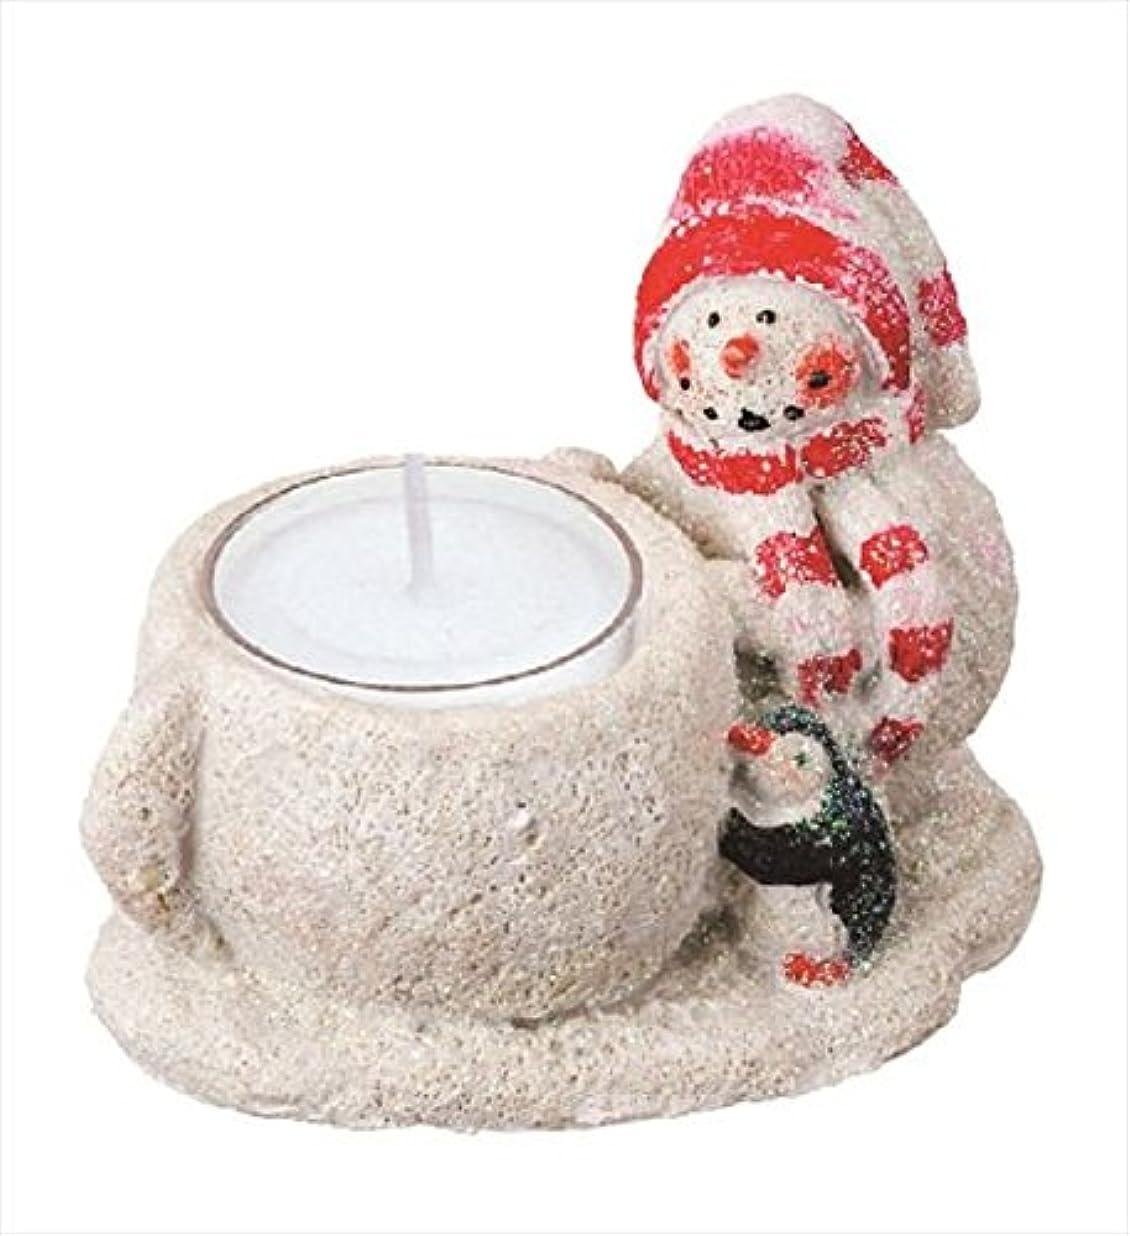 kameyama candle(カメヤマキャンドル) グリッタースノーマンホルダー 「 レッド 」(J5520000R)